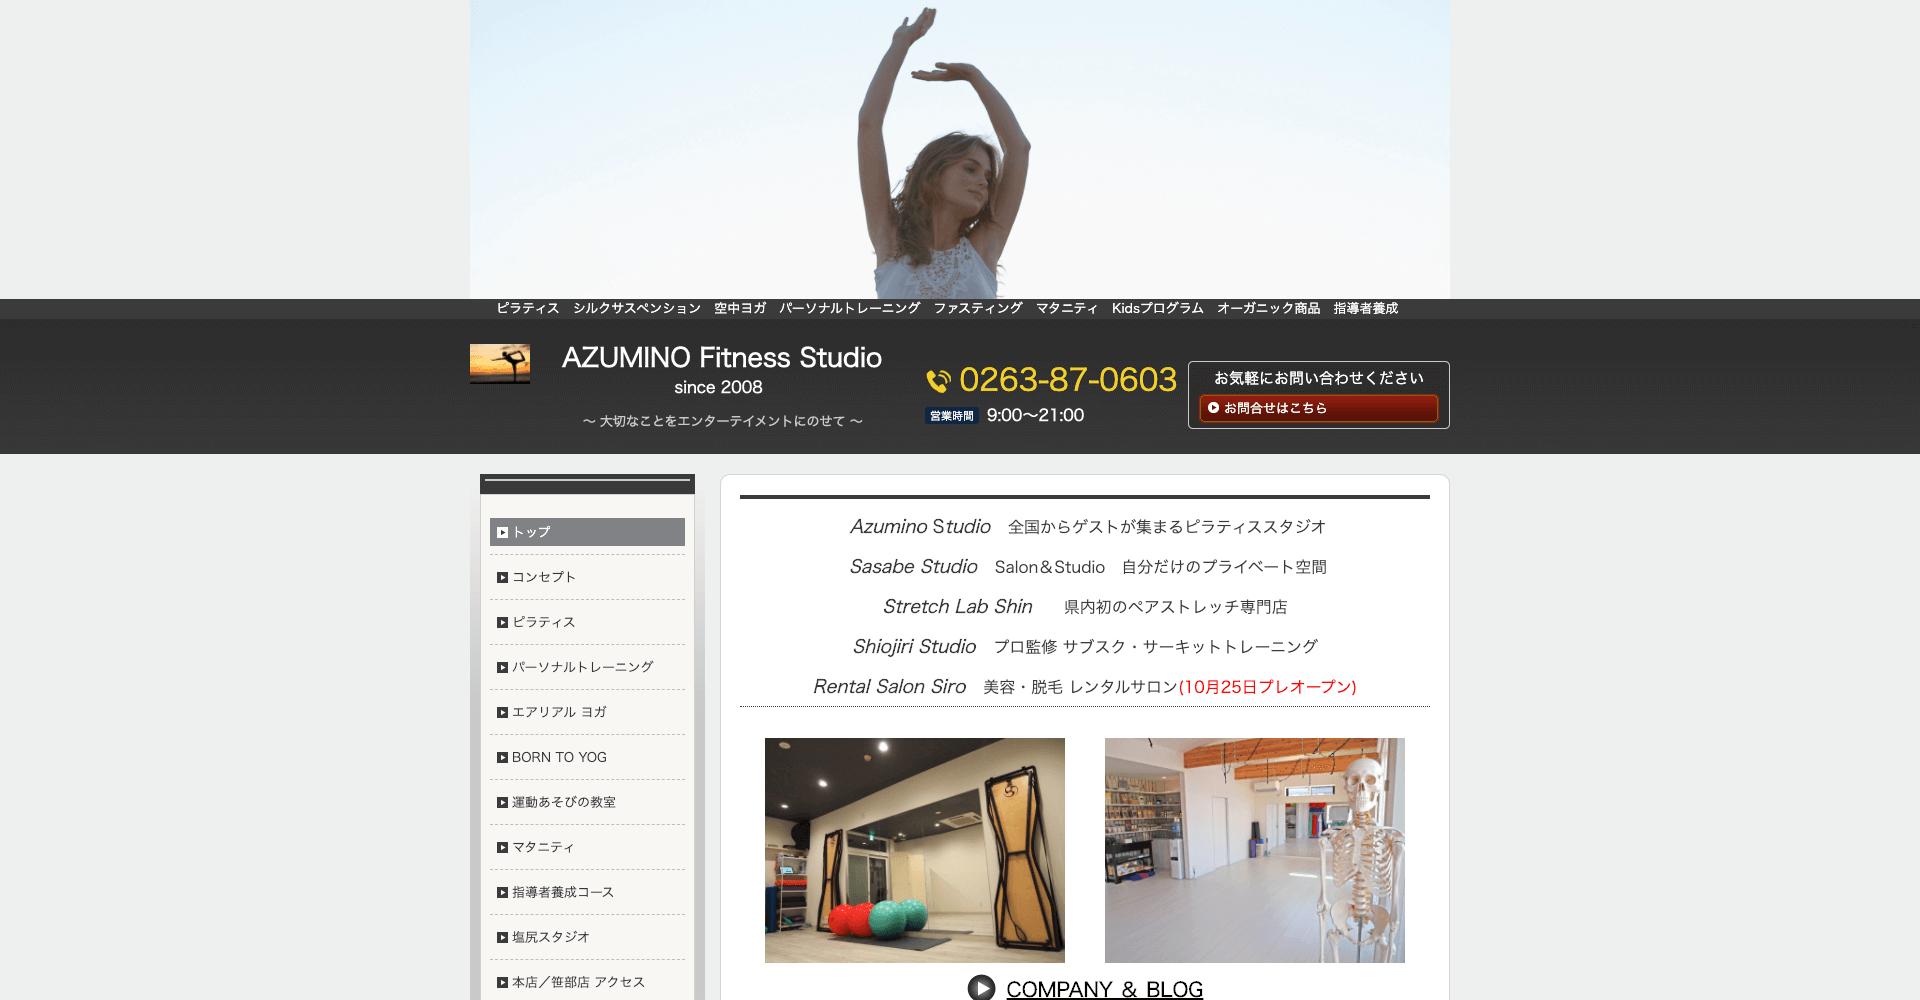 AZUMINO FITNESS STUDIO